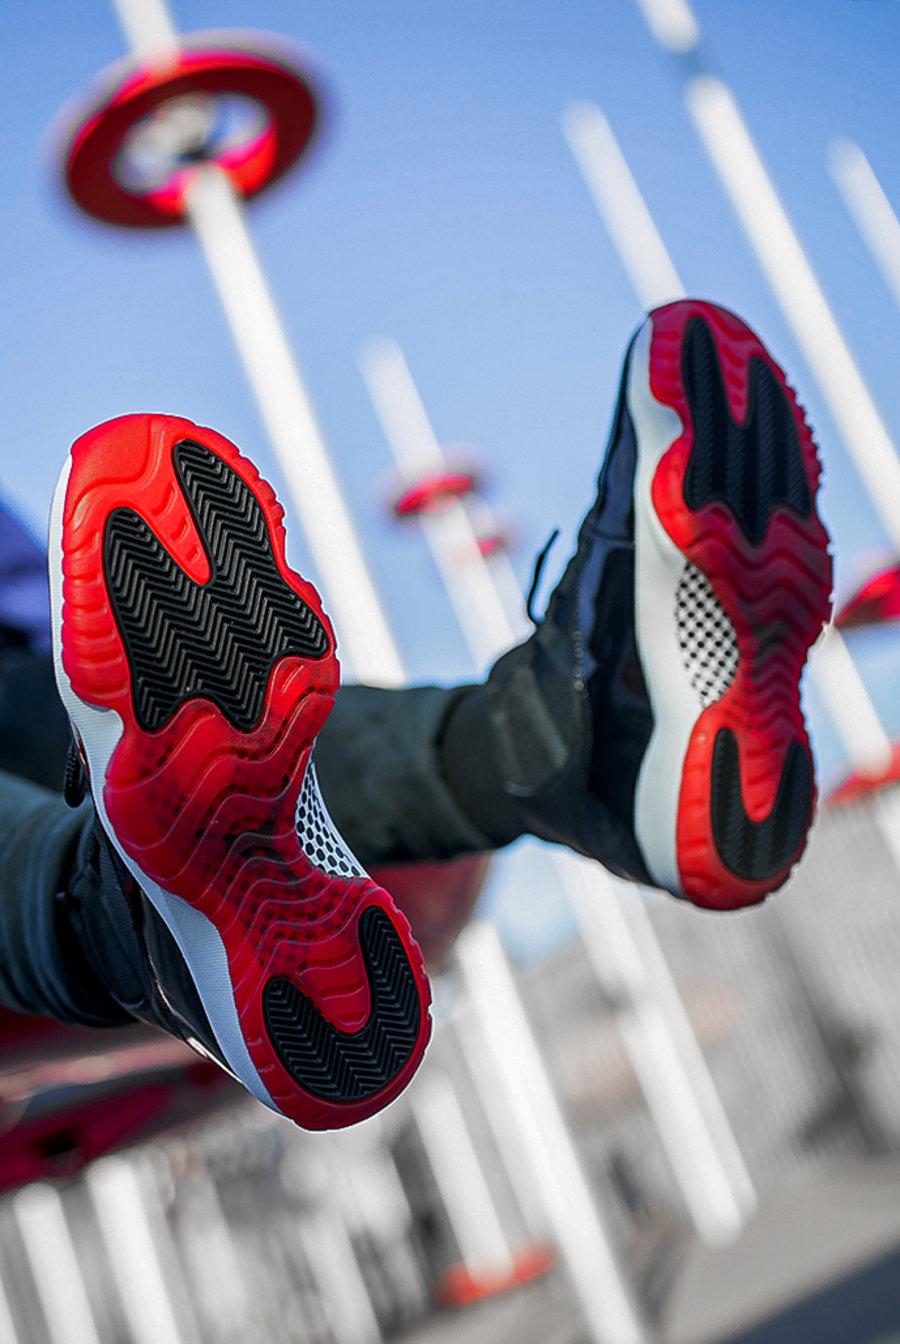 Air Jordan 11 Low,AJ11 Low,发售,  明年的王炸配色!Air Jordan 11 Low 实物首次曝光!